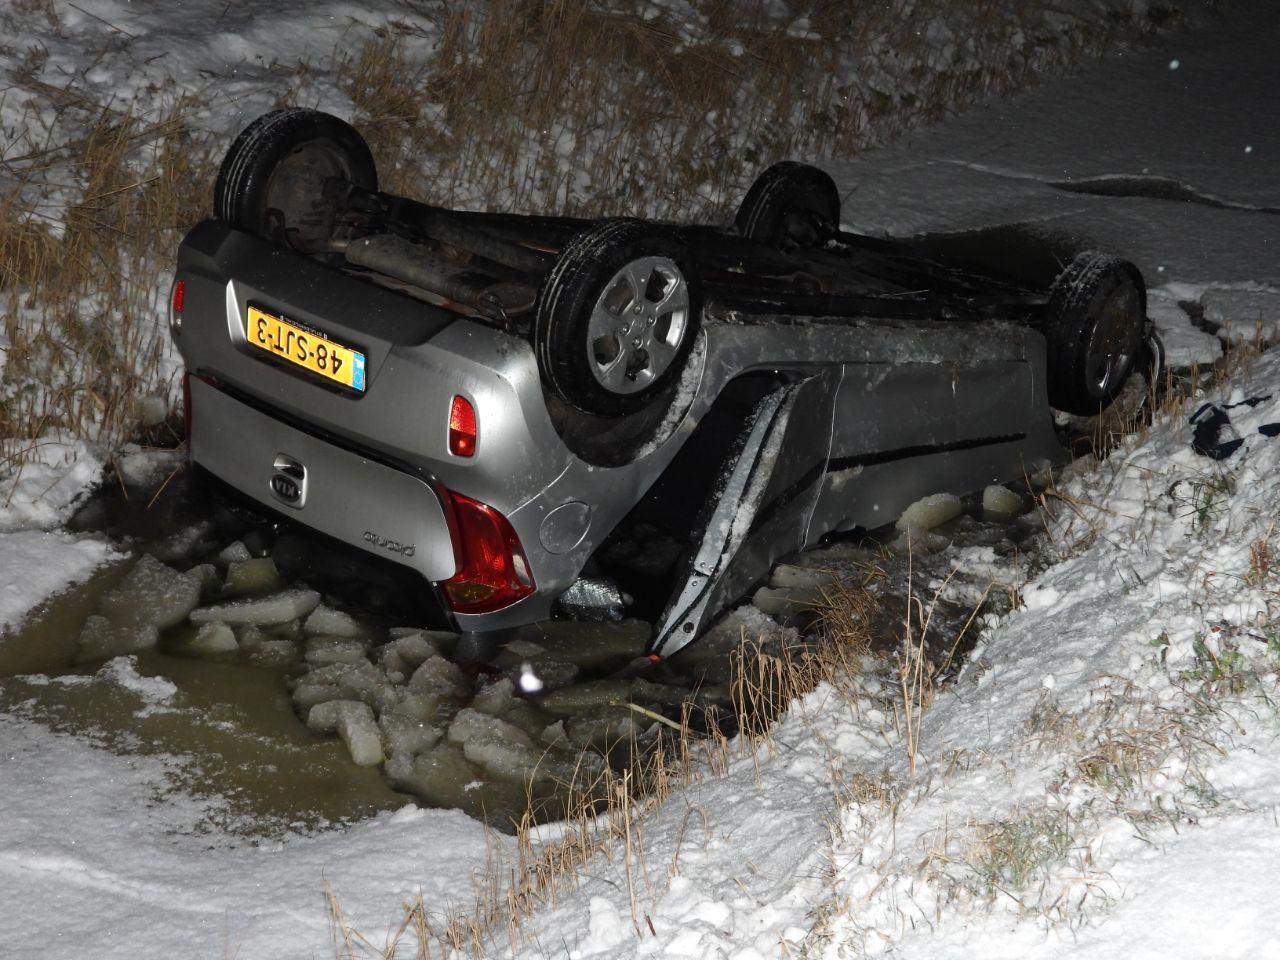 Twee inzittenden belande op de kop in de sloot na Sneeuwval bij Blije